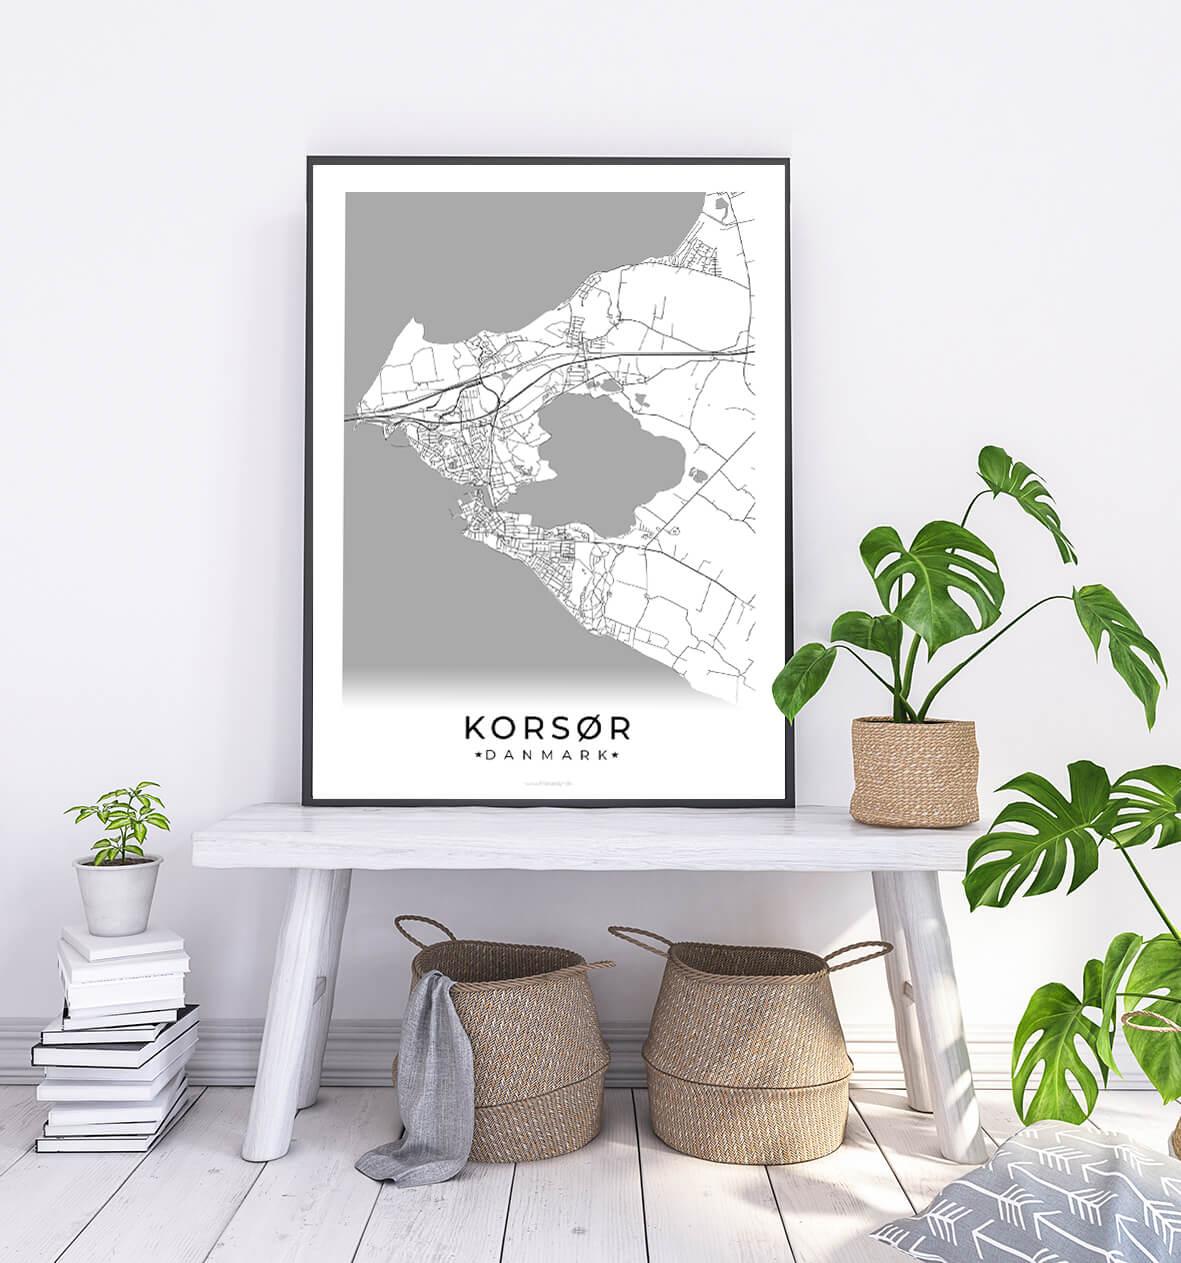 Korsoer-hvid-byplakat-1